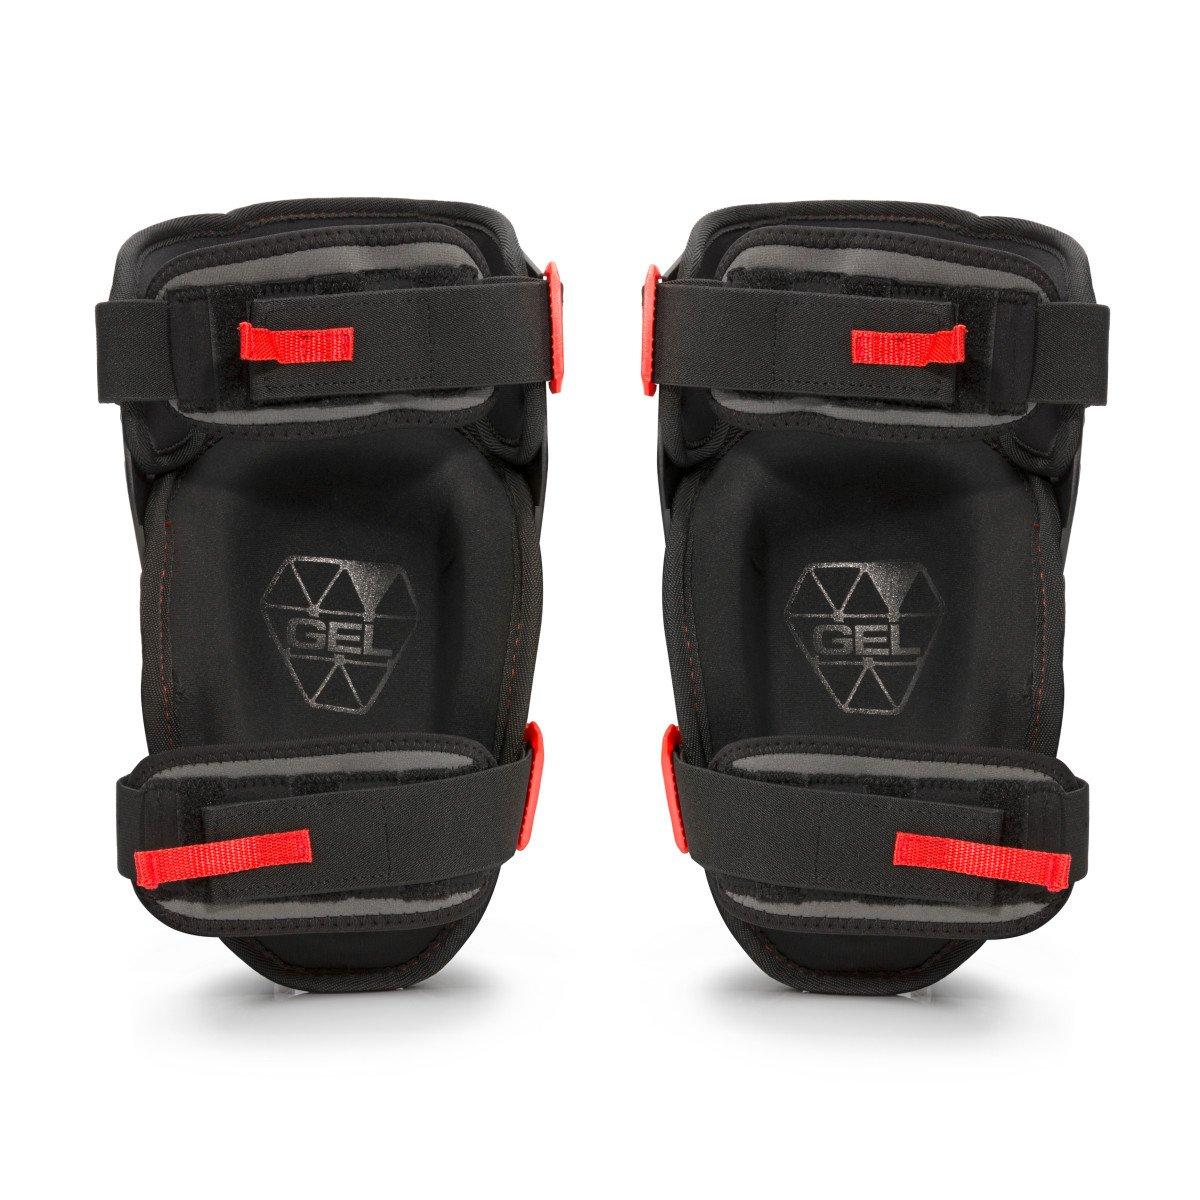 PROLOCK PLK08 93183 Gel Knee Pads Plus (1 pair) by PROLOCK (Image #2)